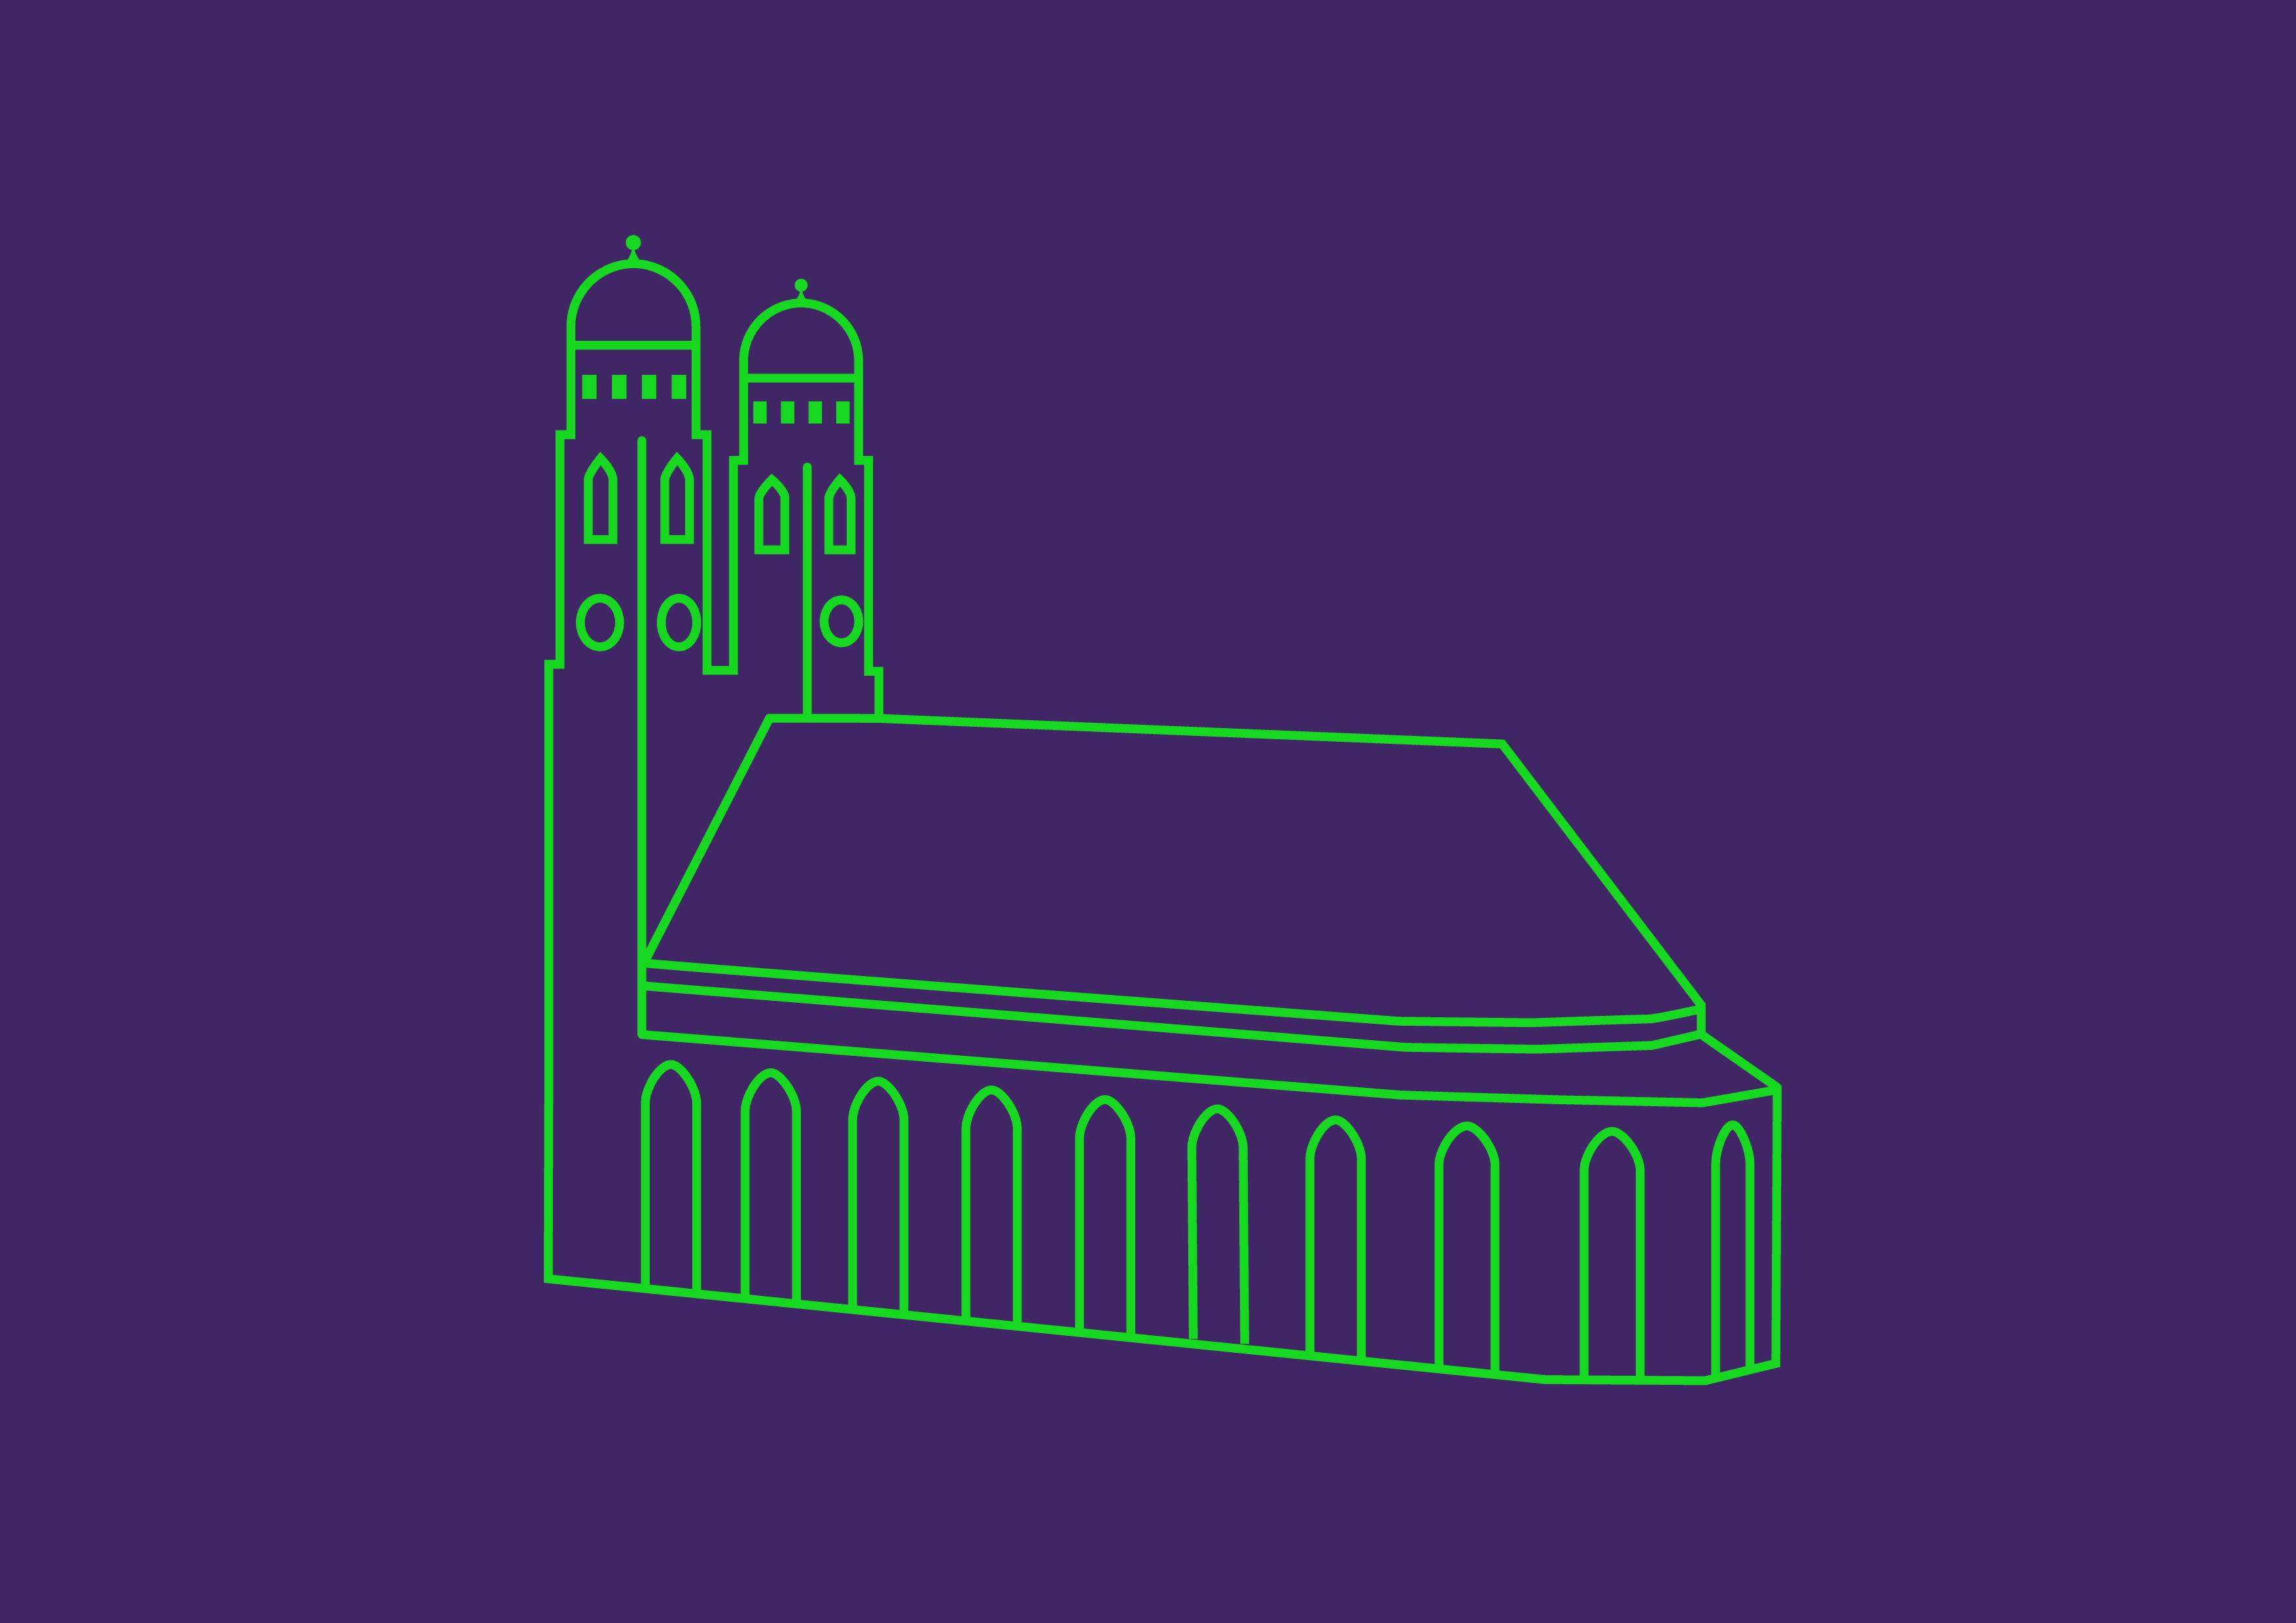 Grafik_Vernetzung_isabelhuberdesign_frauenkirche_lila